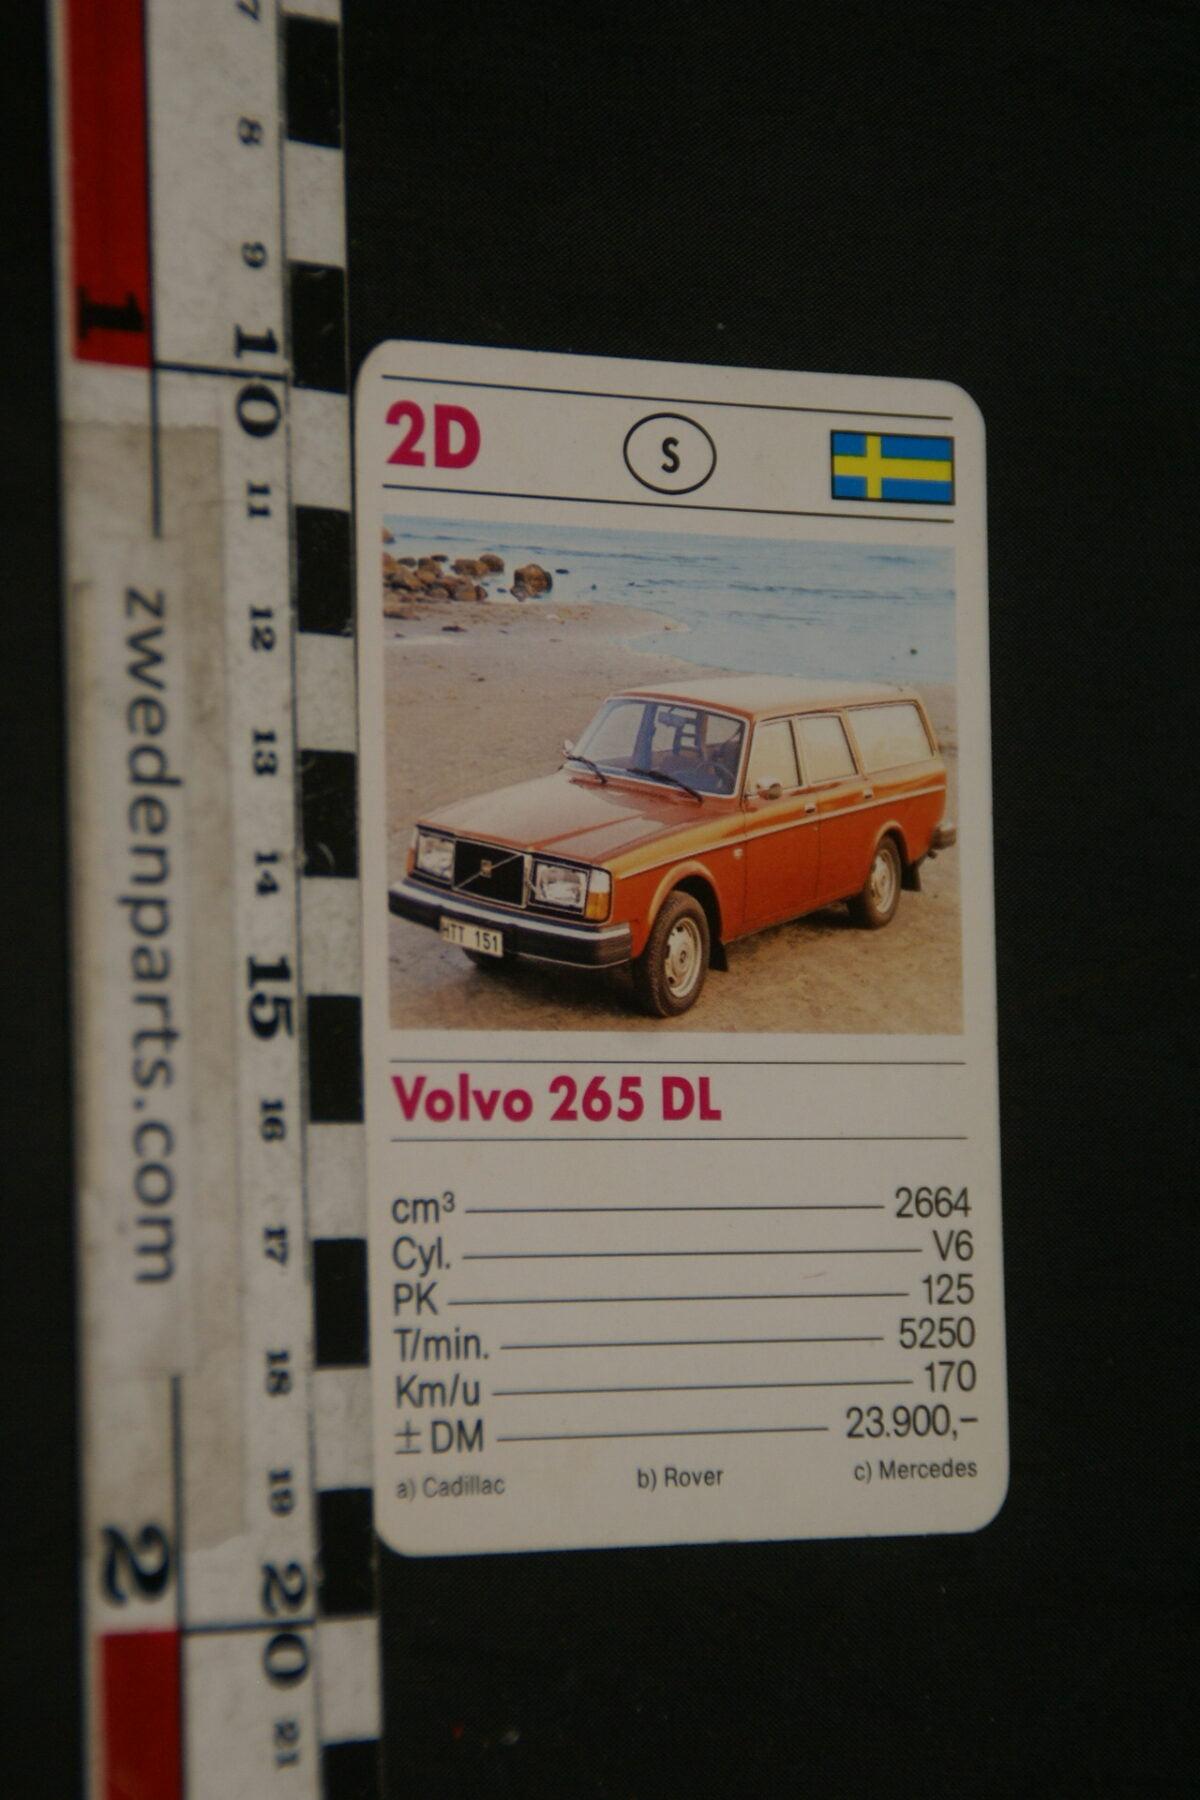 DSC02305 ca. 1975 origineel autokwartetkaart Volvo 265DL-8cc0ad94